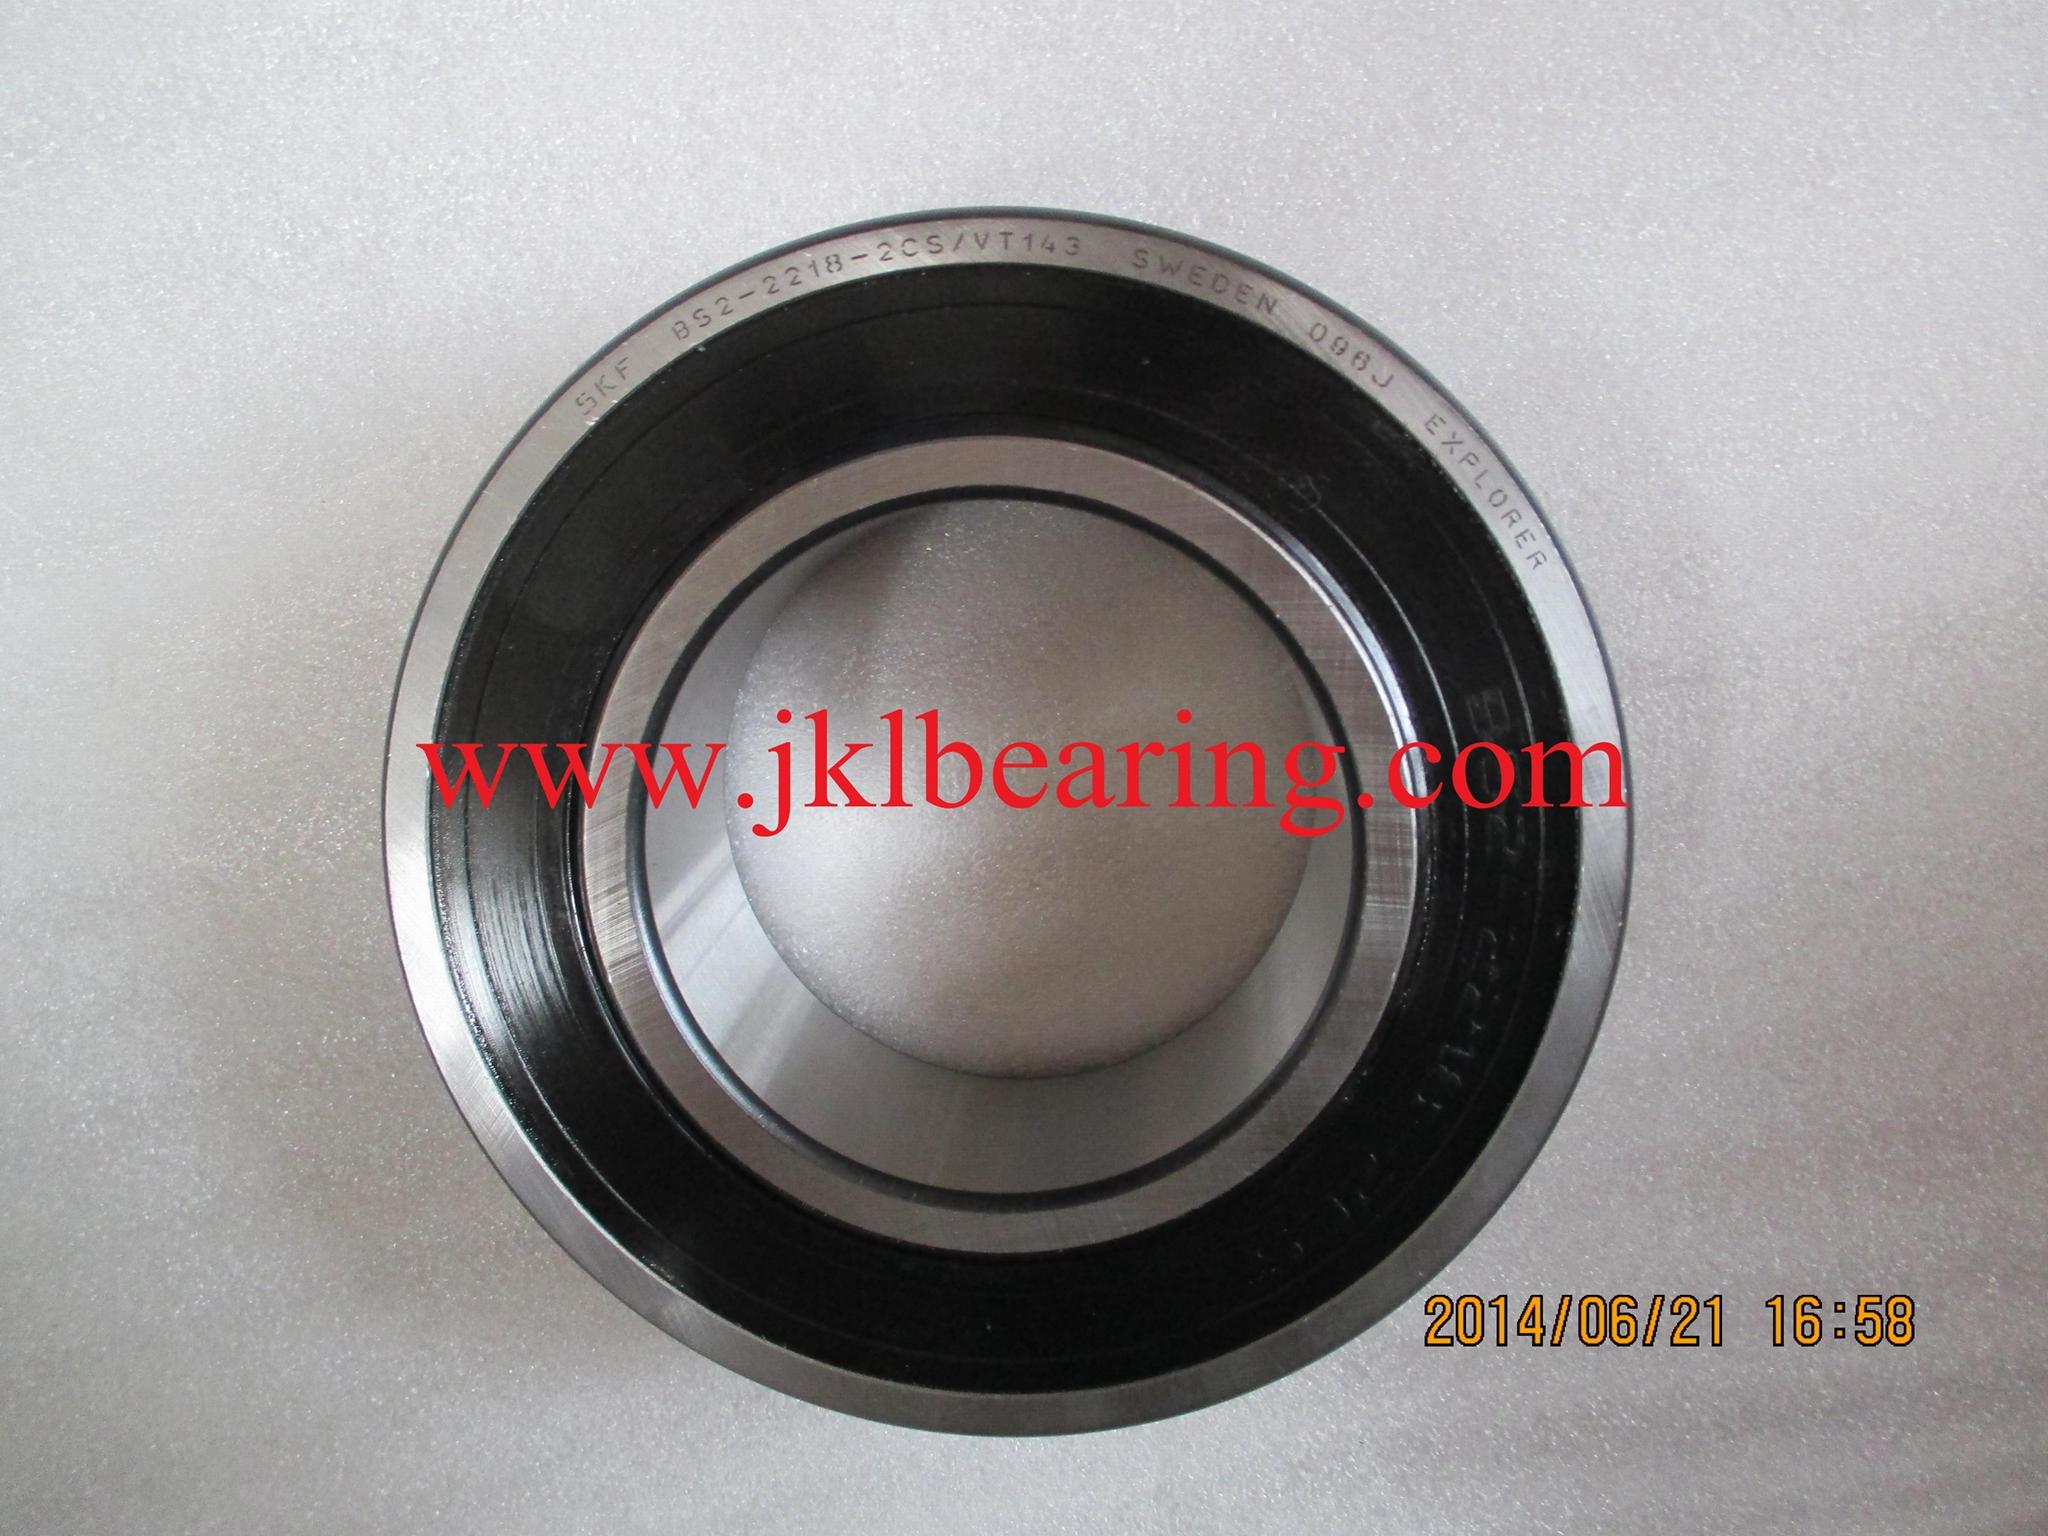 SKF  BS2-2218-2CS-VT143 Spherical Roller Bearing